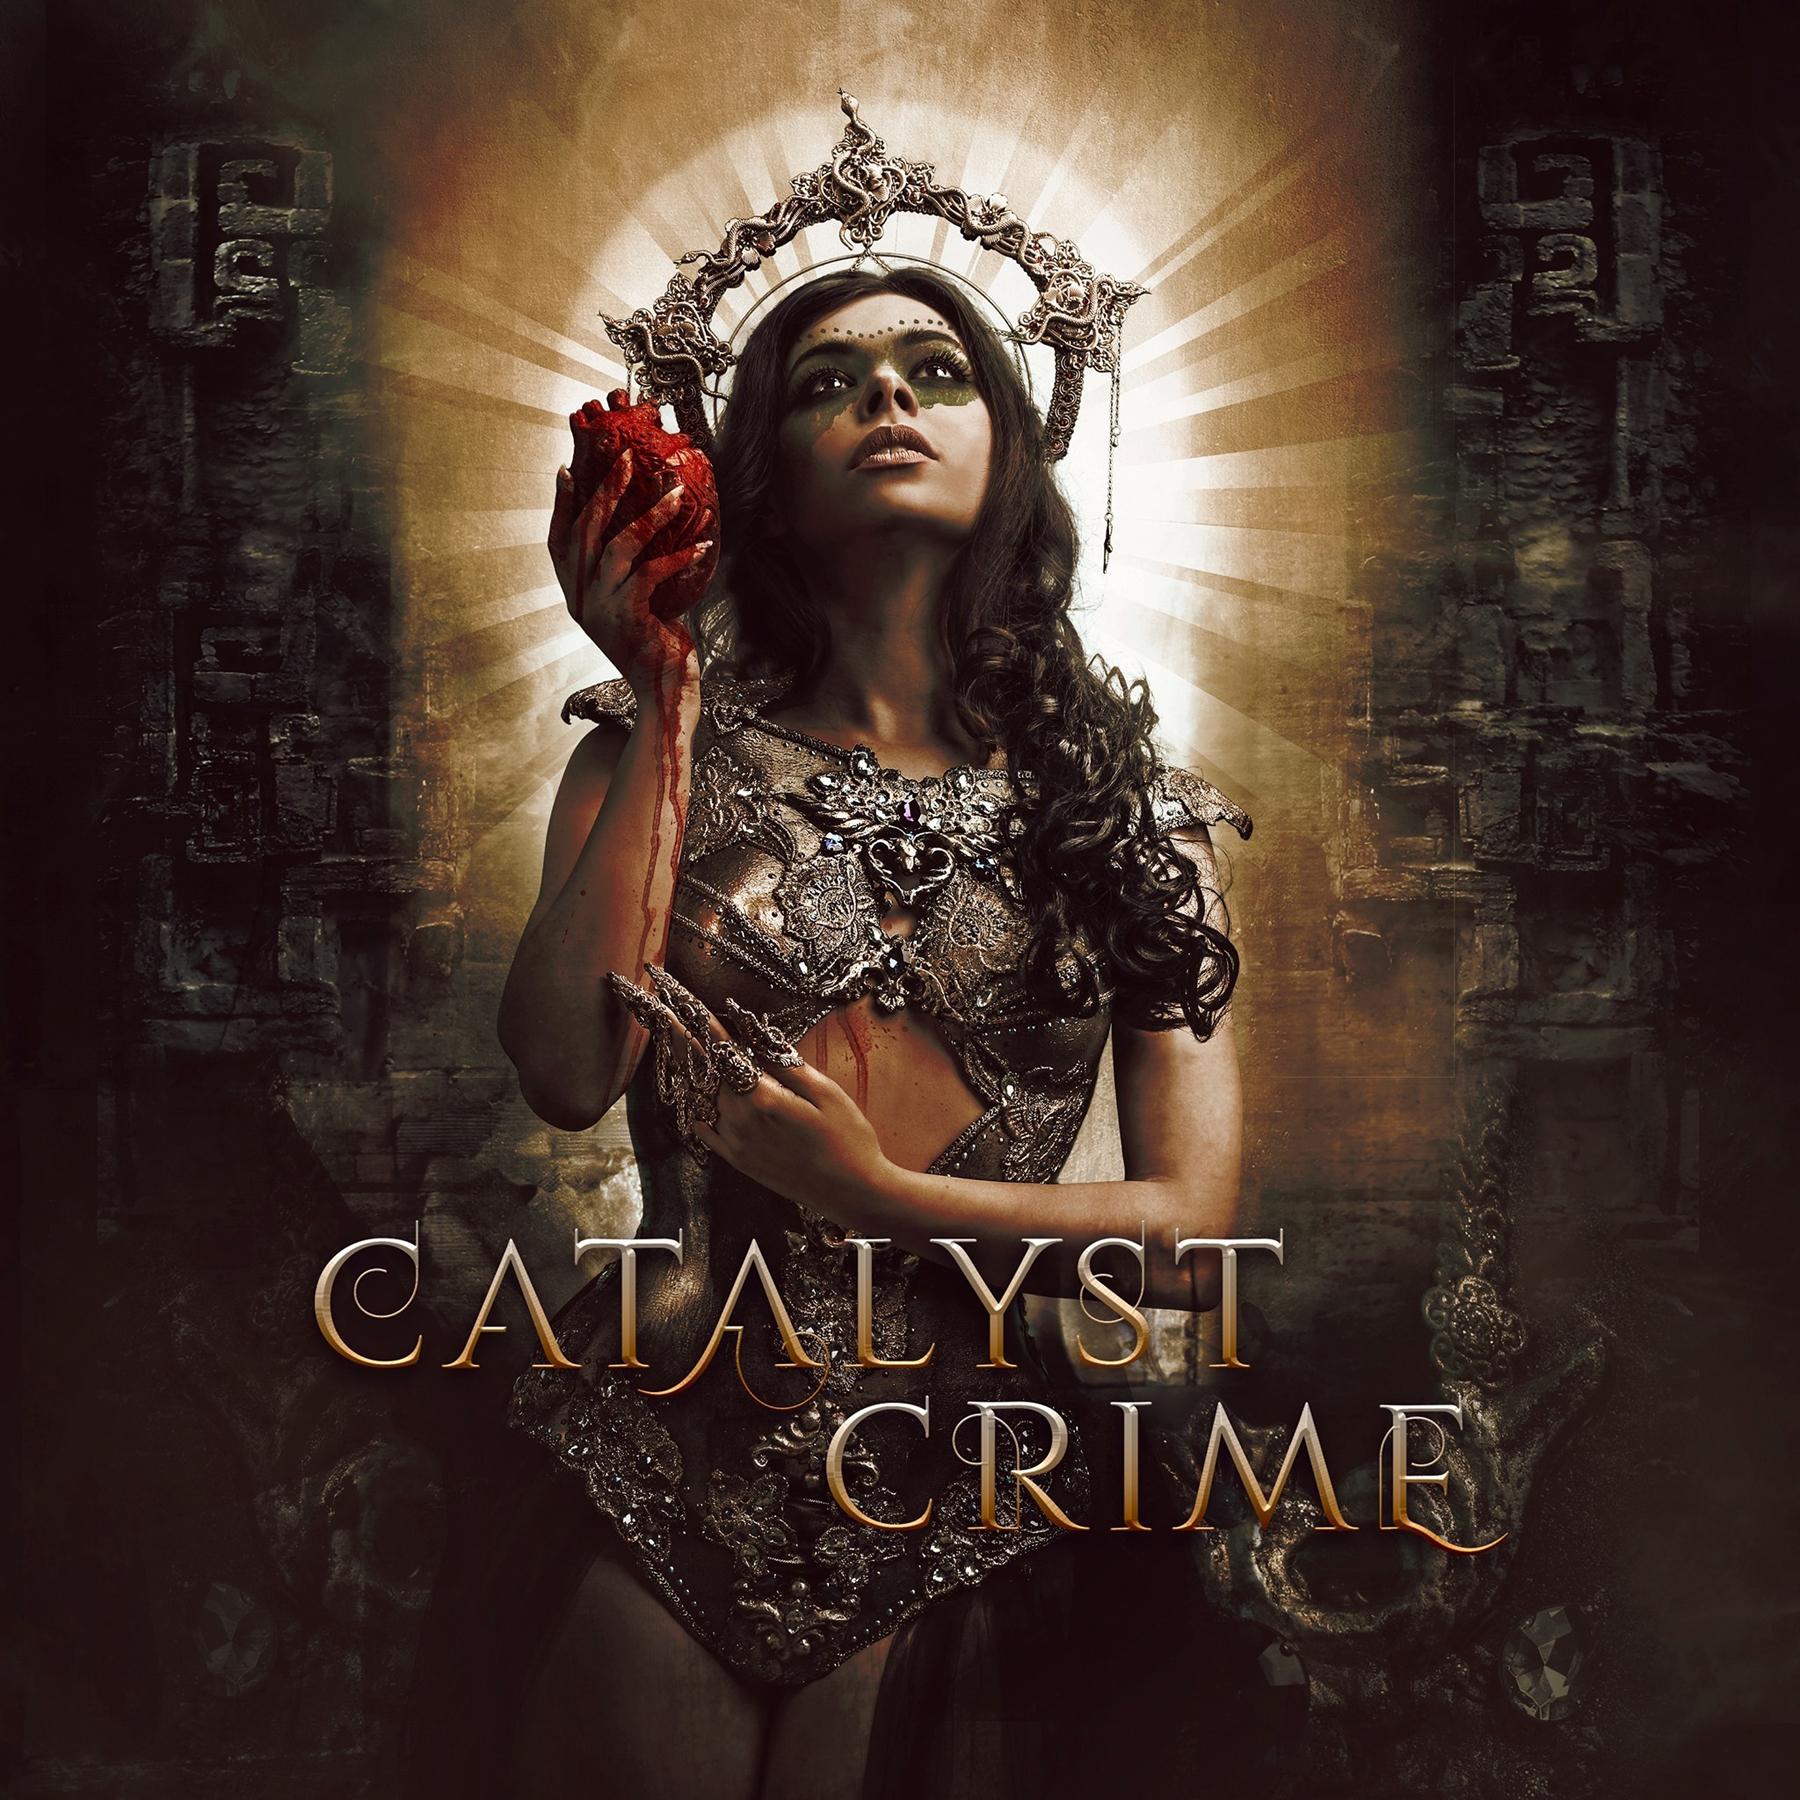 CATALYST CRIME album